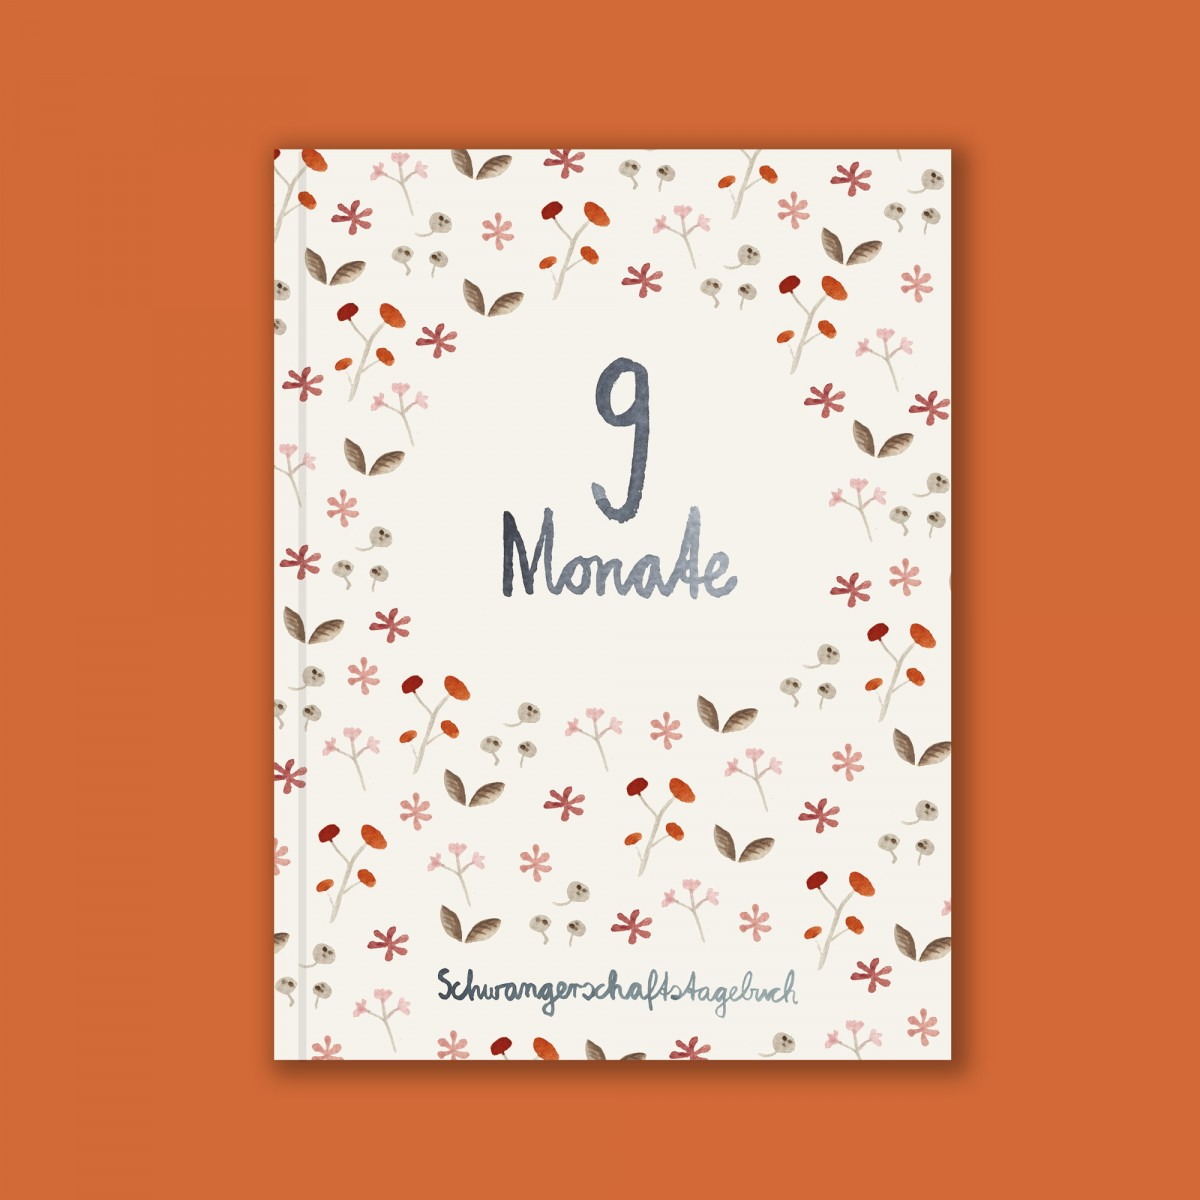 Schwangerschaftstagebuch - 9 Monate – Elliet